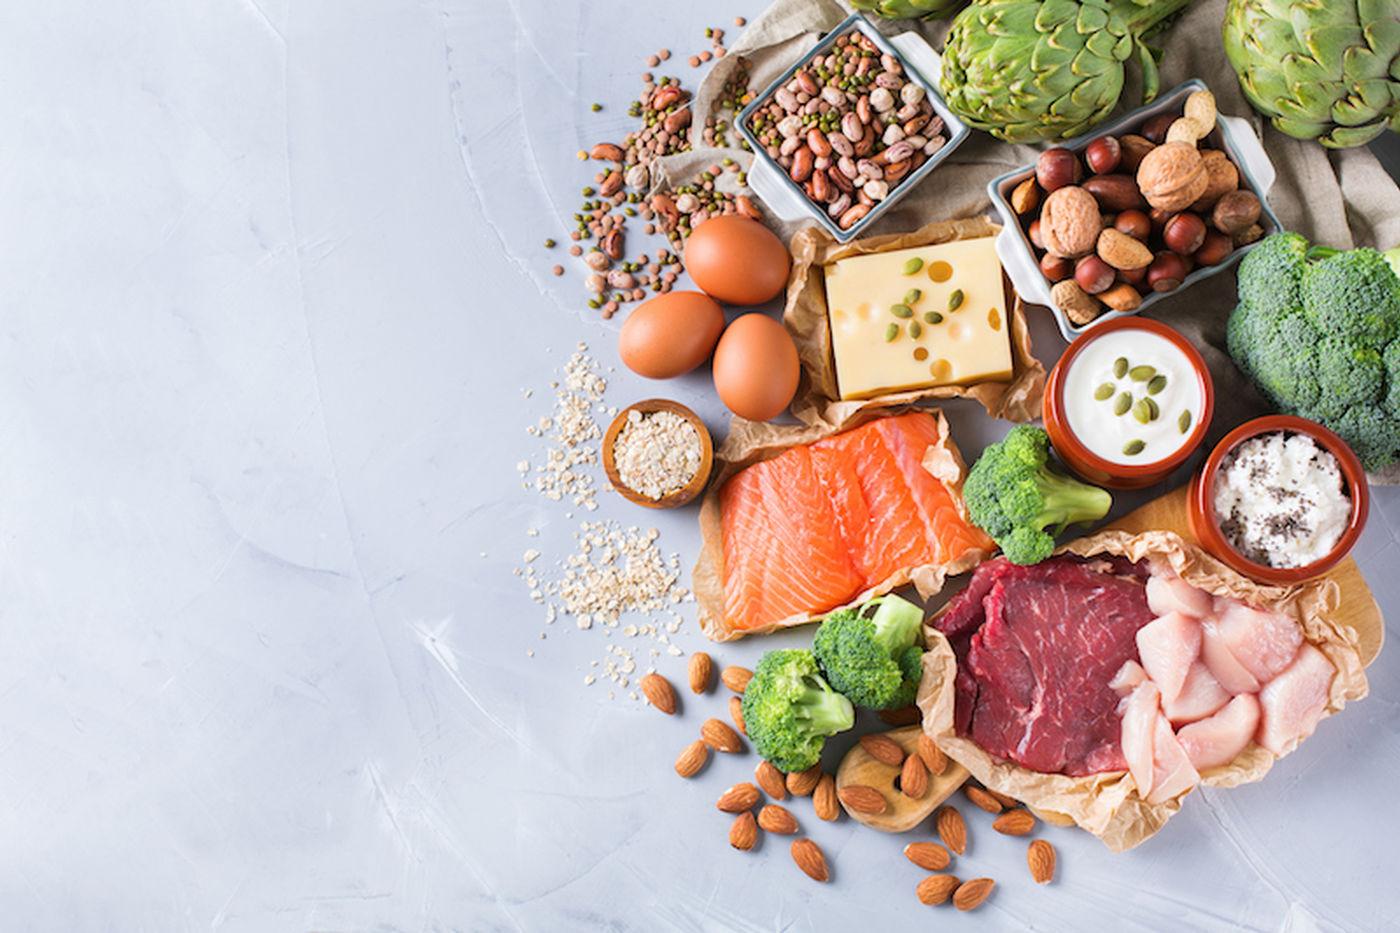 Giới thiệu chế độ ăn kiêng flexitarian